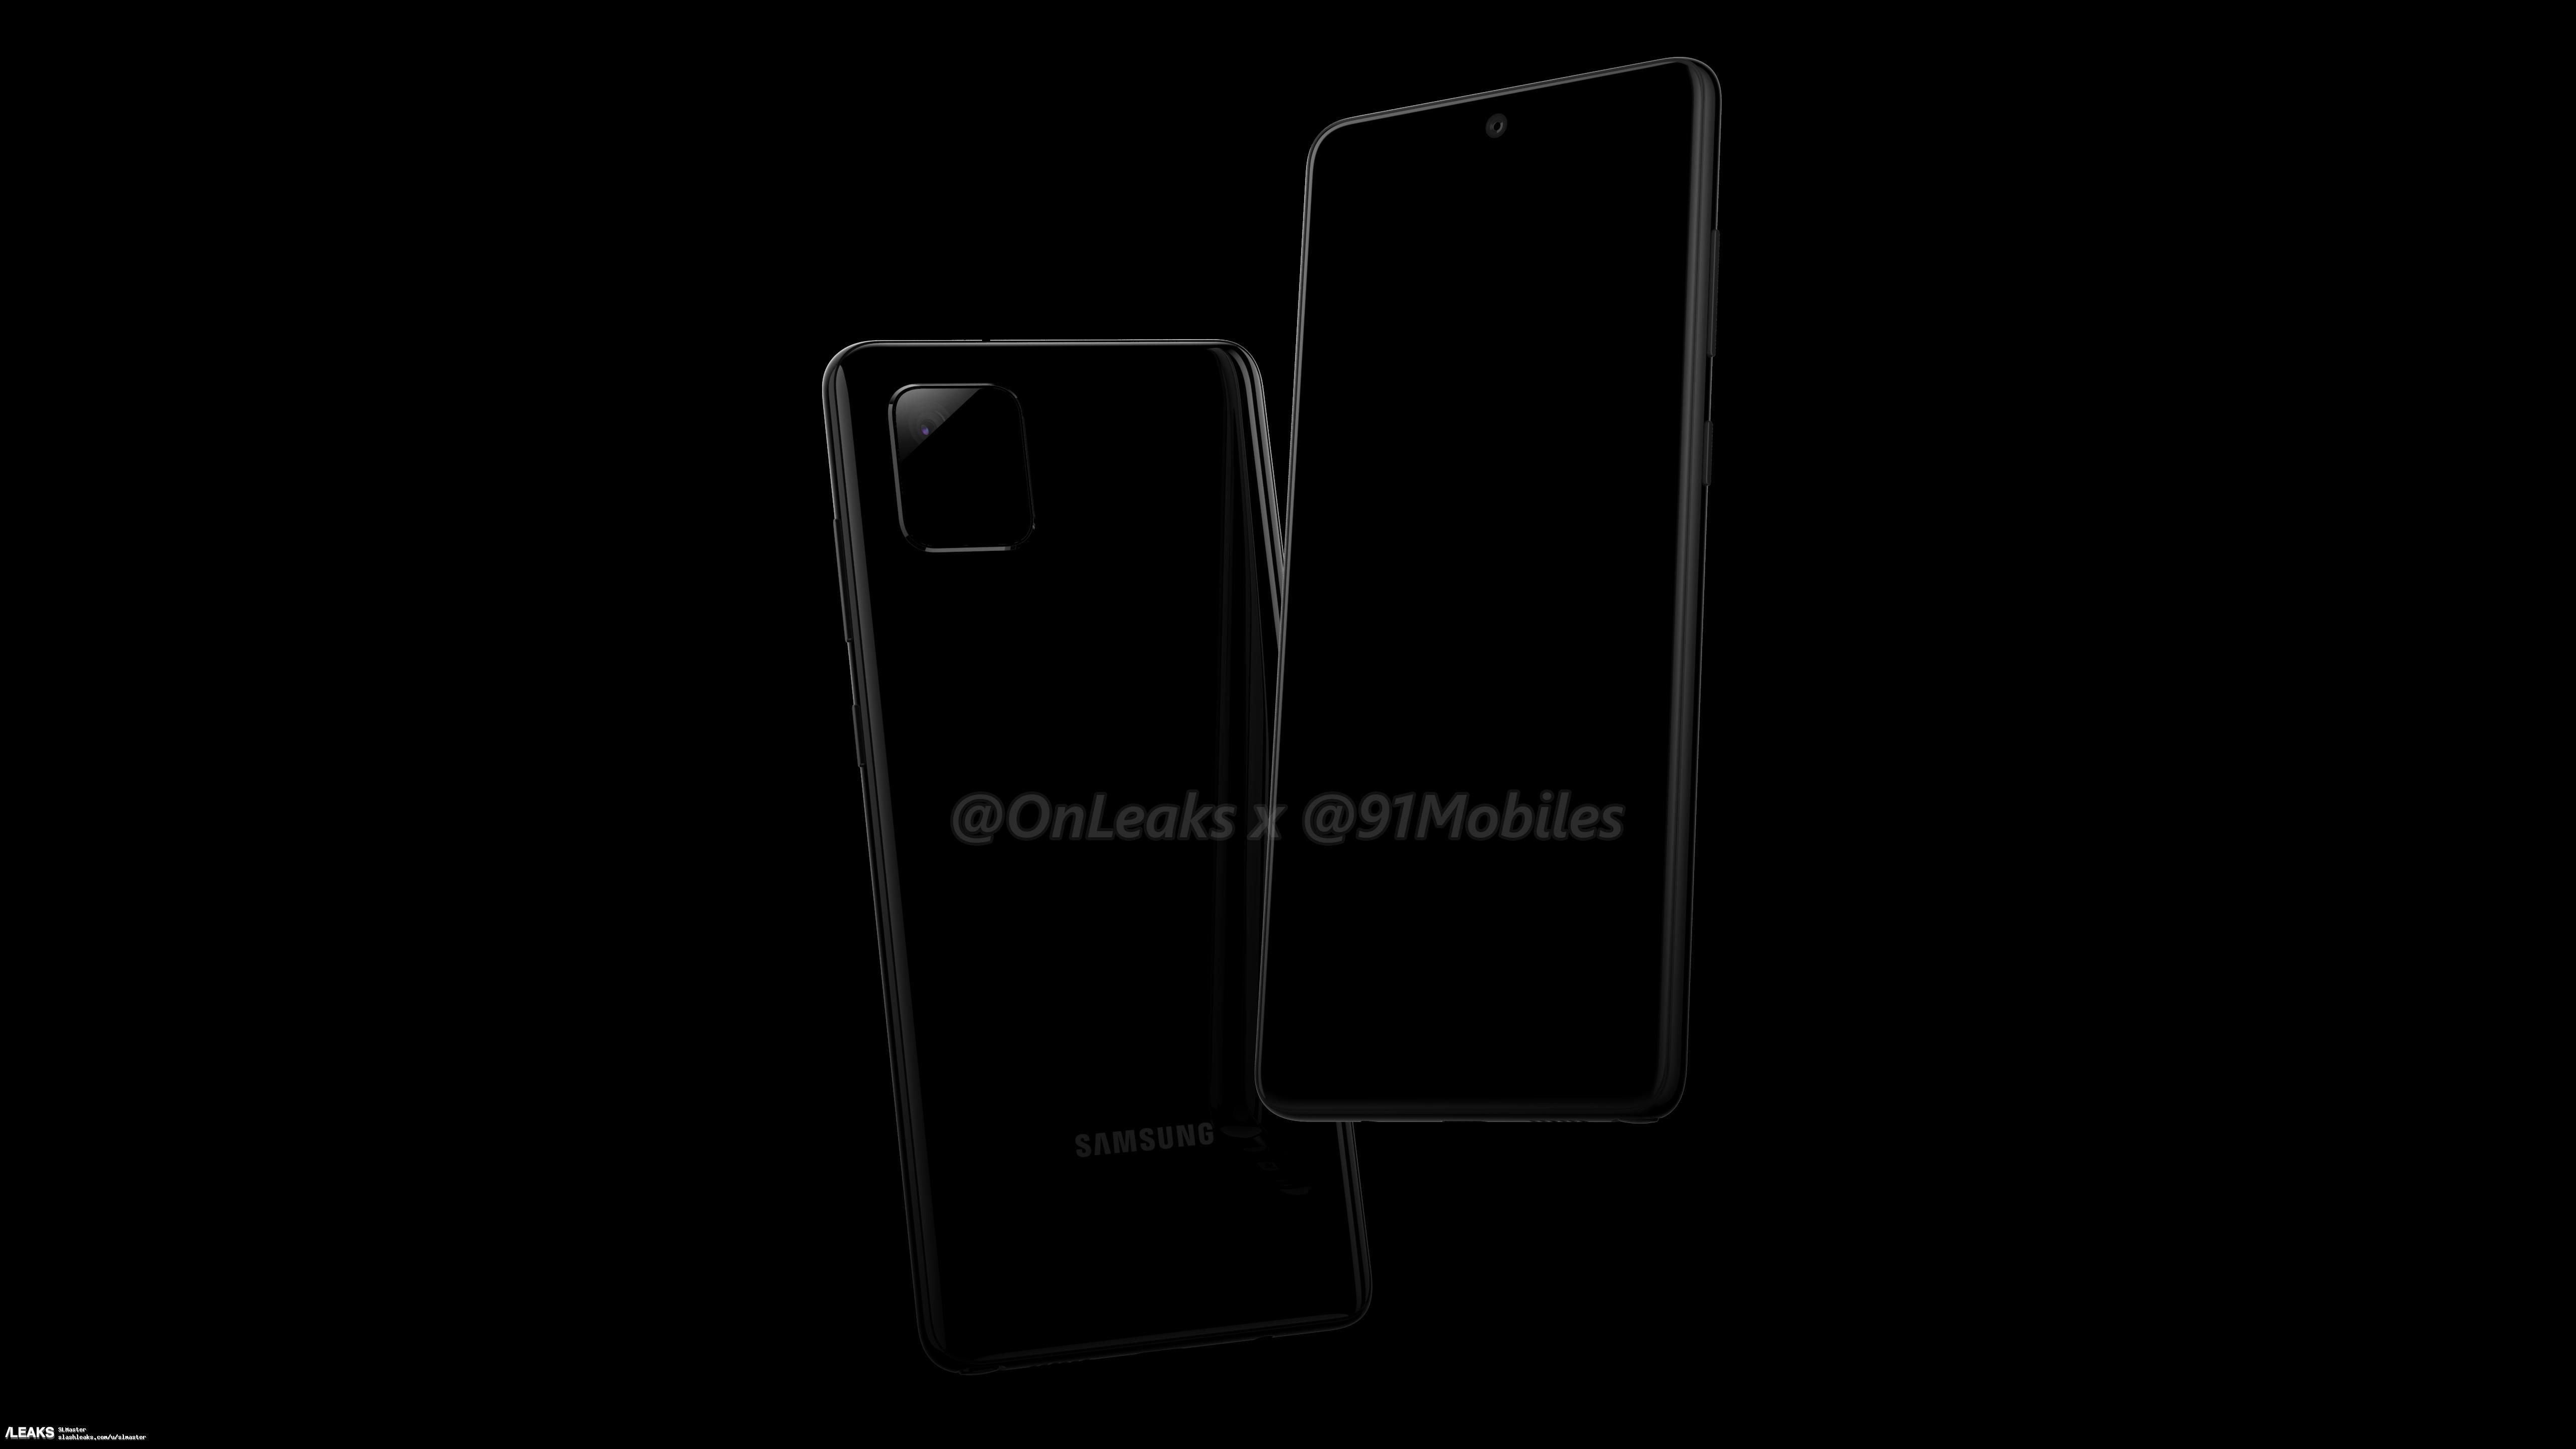 img Samsung Galaxy Note 10 Lite or Galaxy A81 Renders Leaked Via OnLeaks